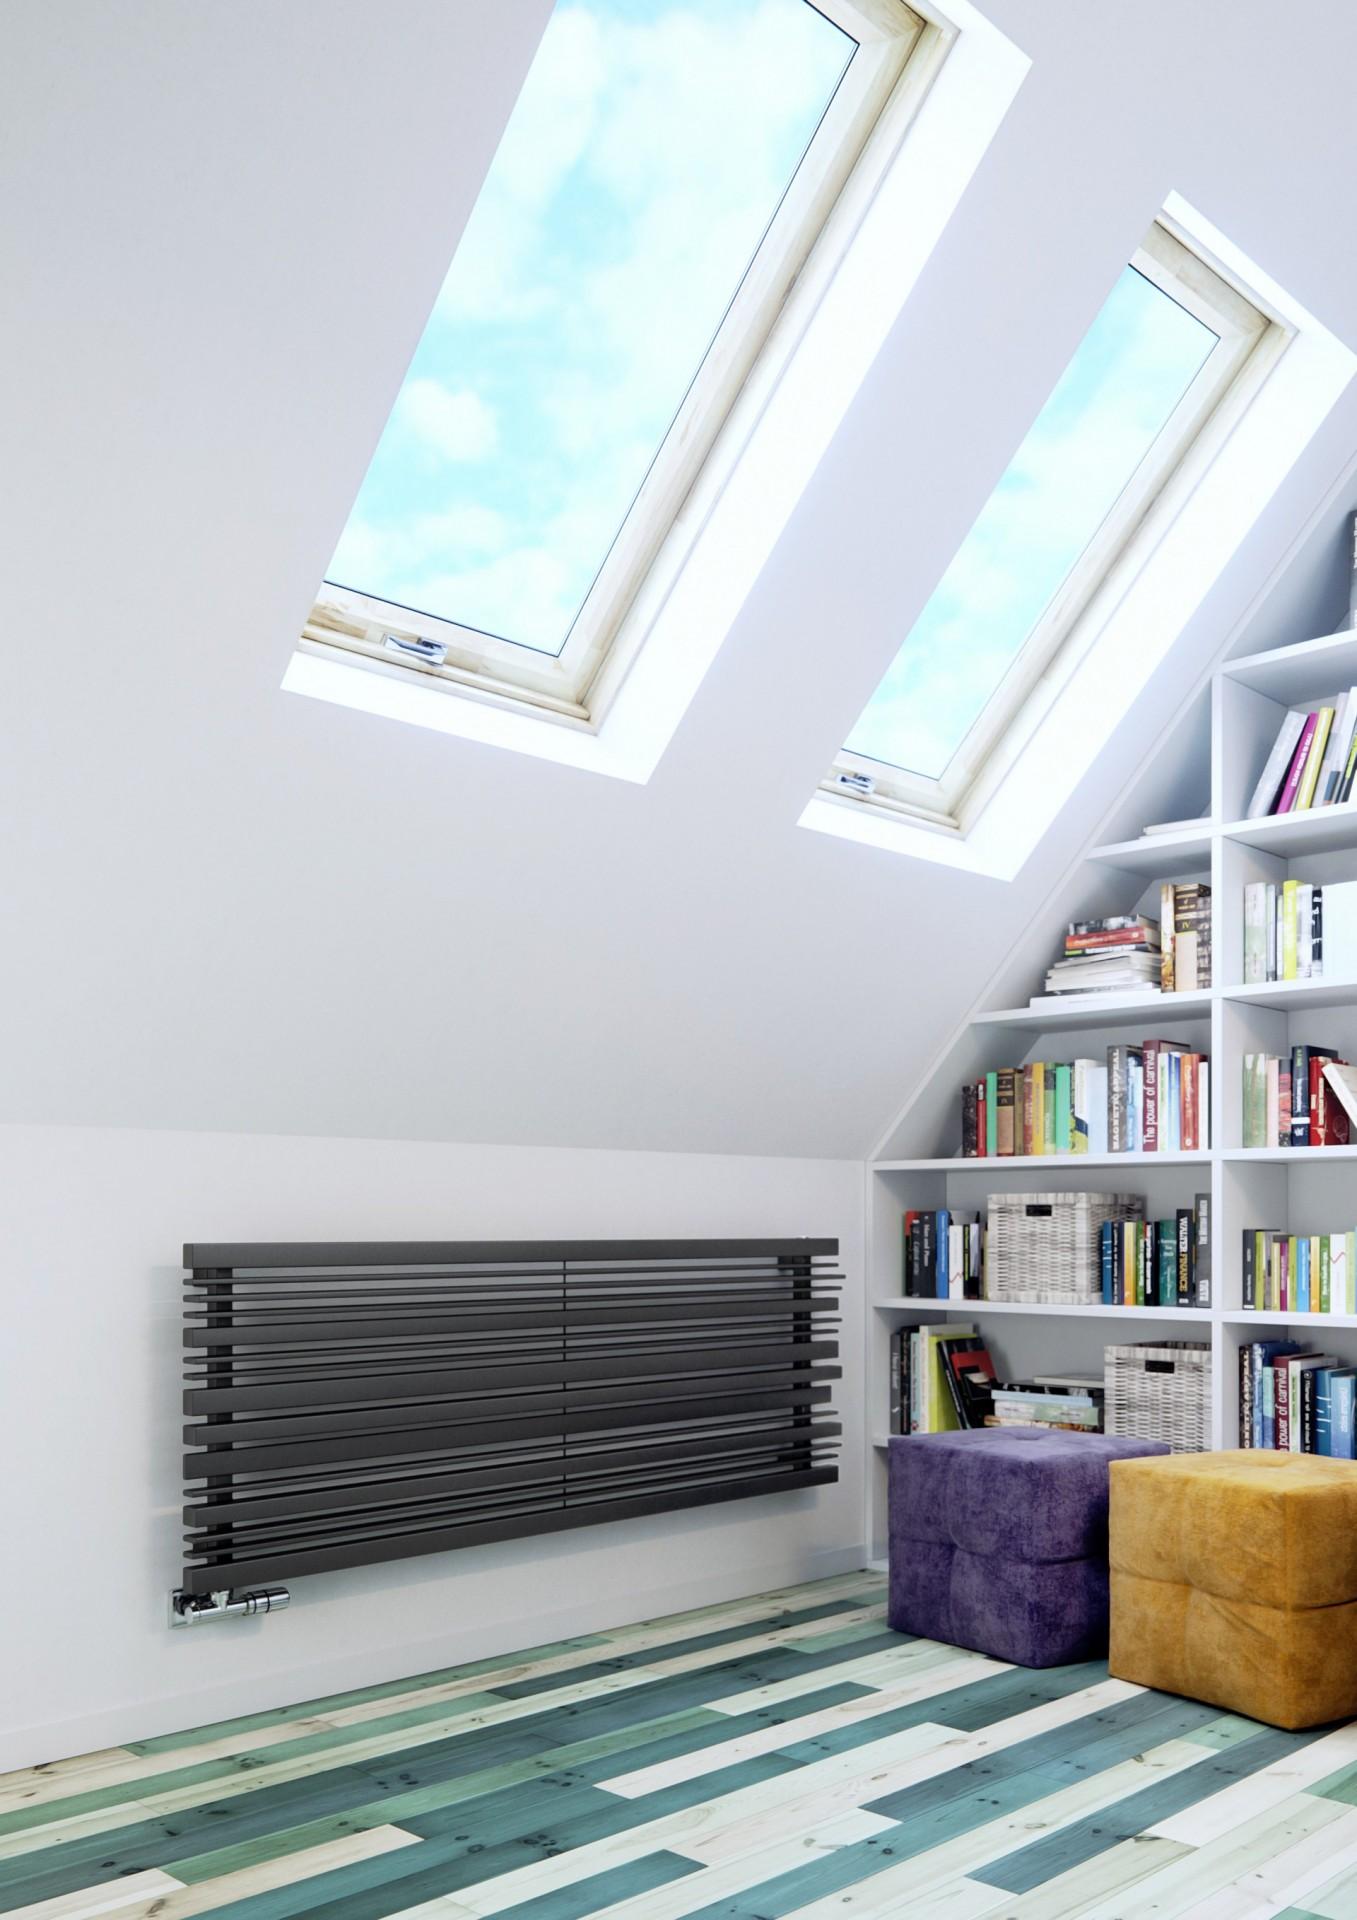 Design Röhrenheizkörper, Wohnraumheizkörper Terma Sherwood horizontal